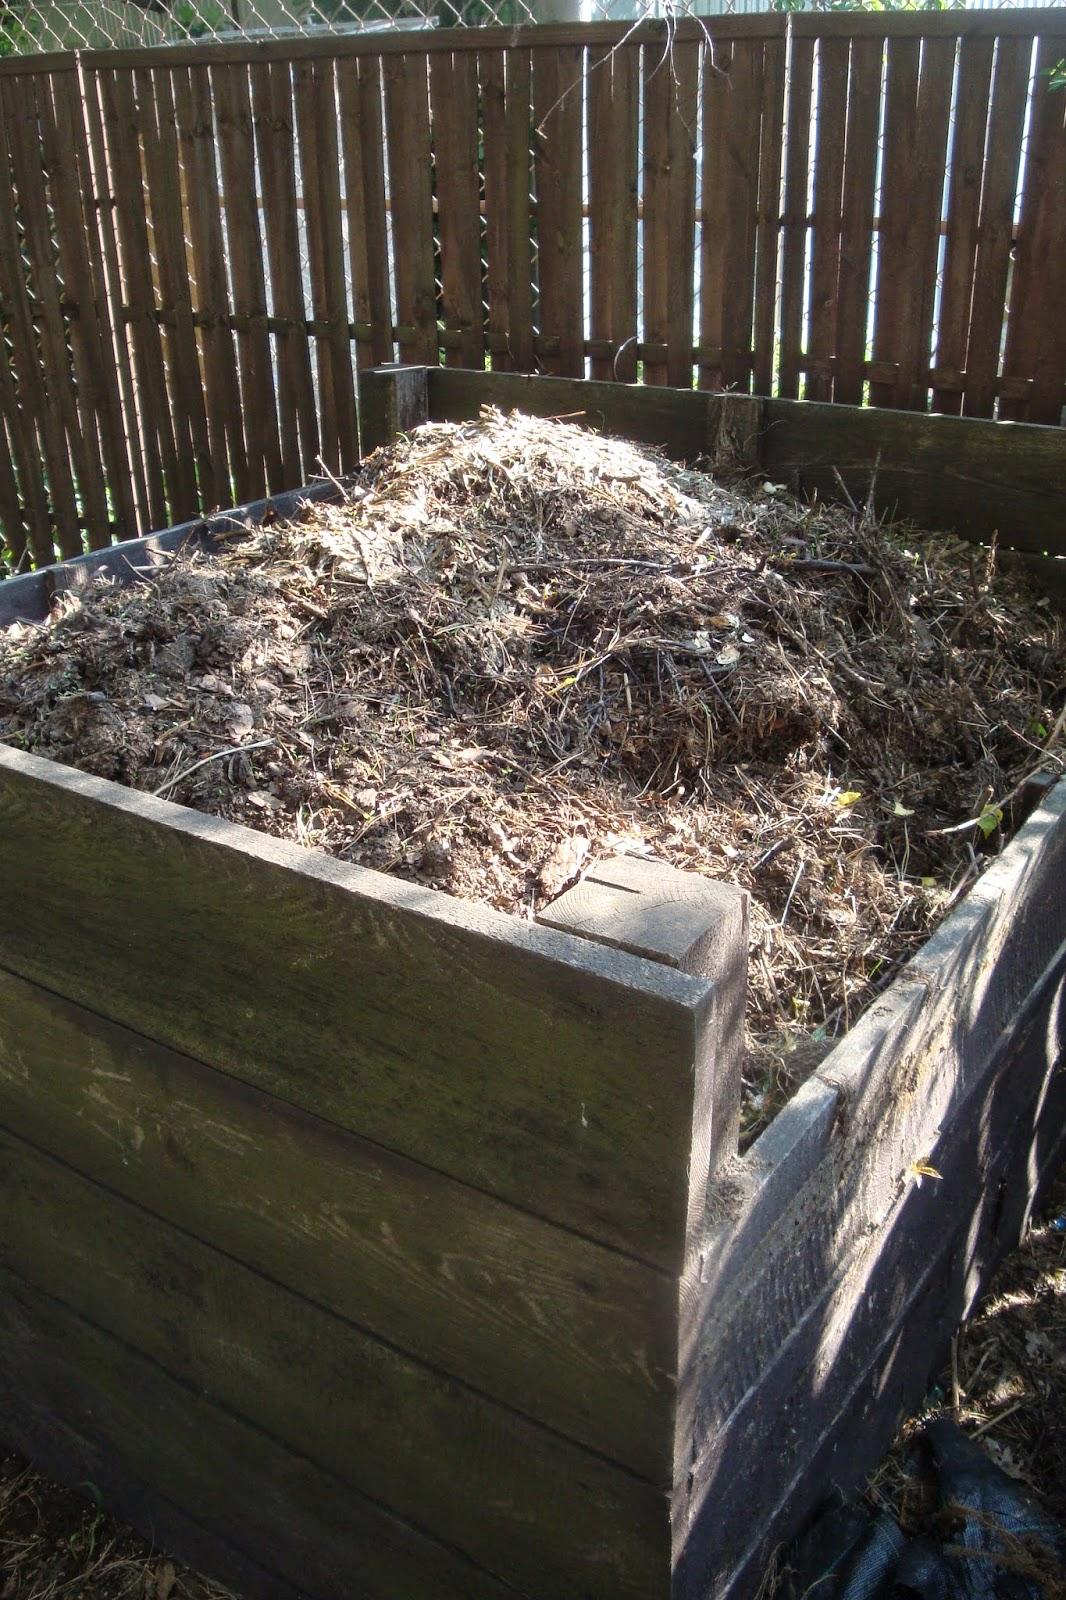 zbieranie odpadów na kompost